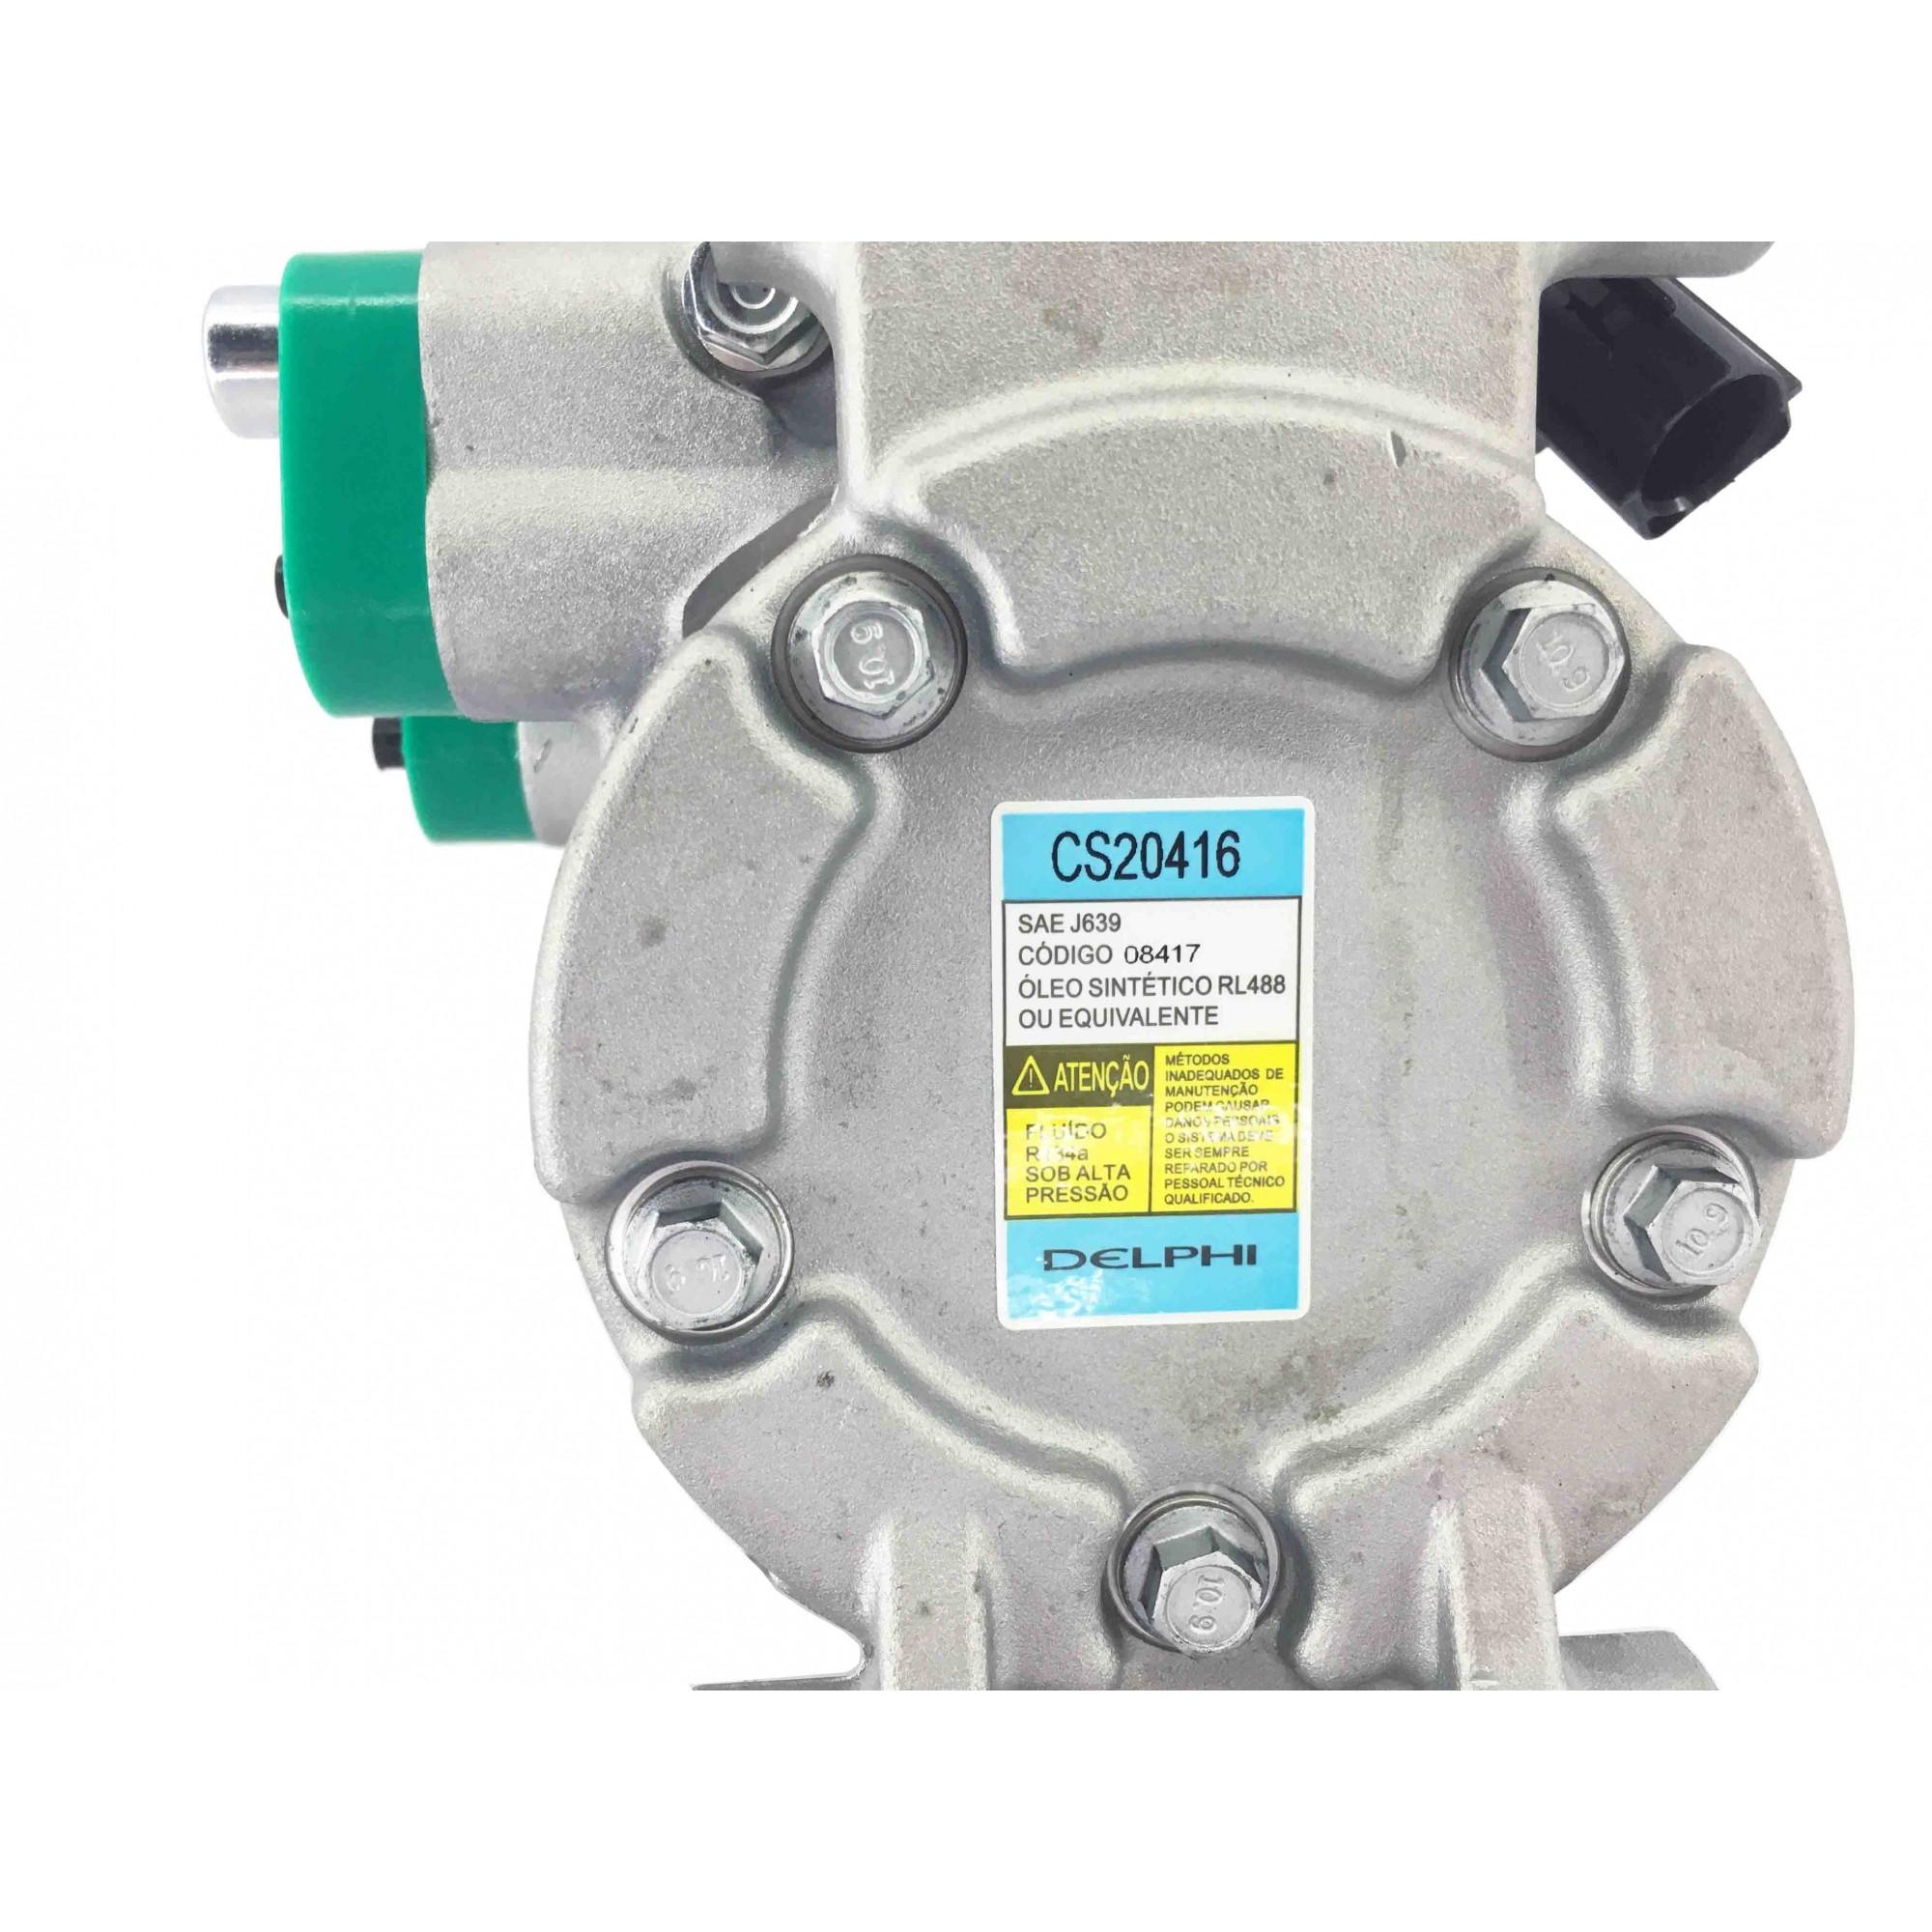 Compressor HB20 1.6 - Original DELPHI